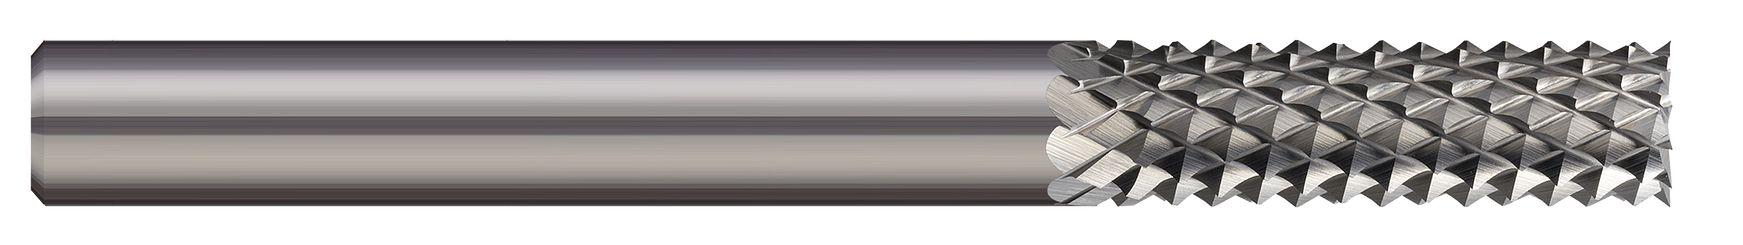 End Mills for Plastics & Composites - Diamond Cut - Burr End Cut